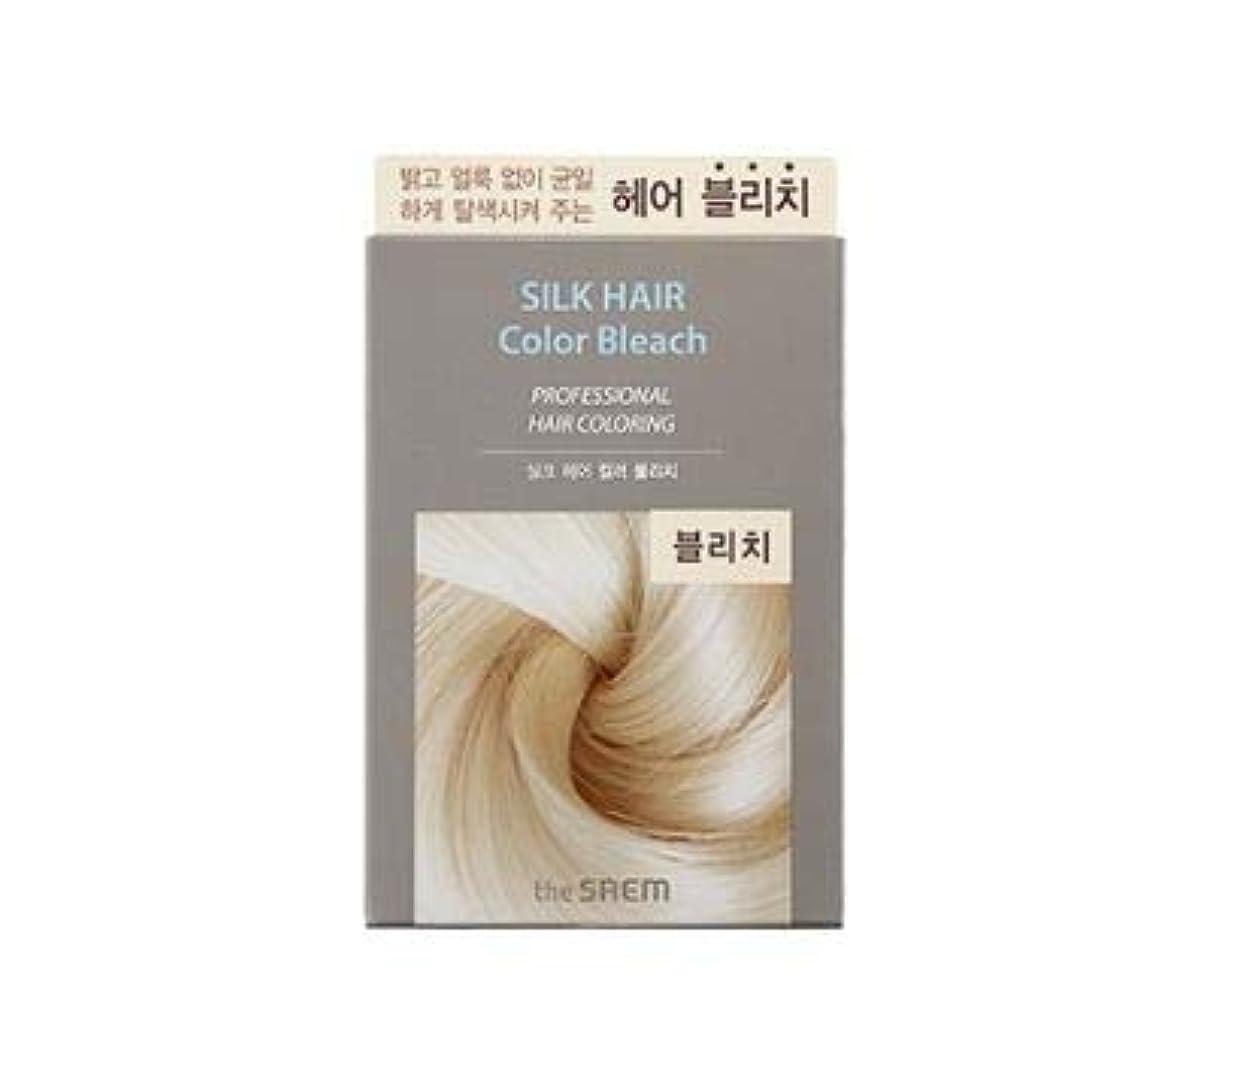 テクスチャー洗うベッツィトロットウッドThe Saem SliK Hair Color Bleach ザセムシルクヘアカラーブリーチ [並行輸入品]